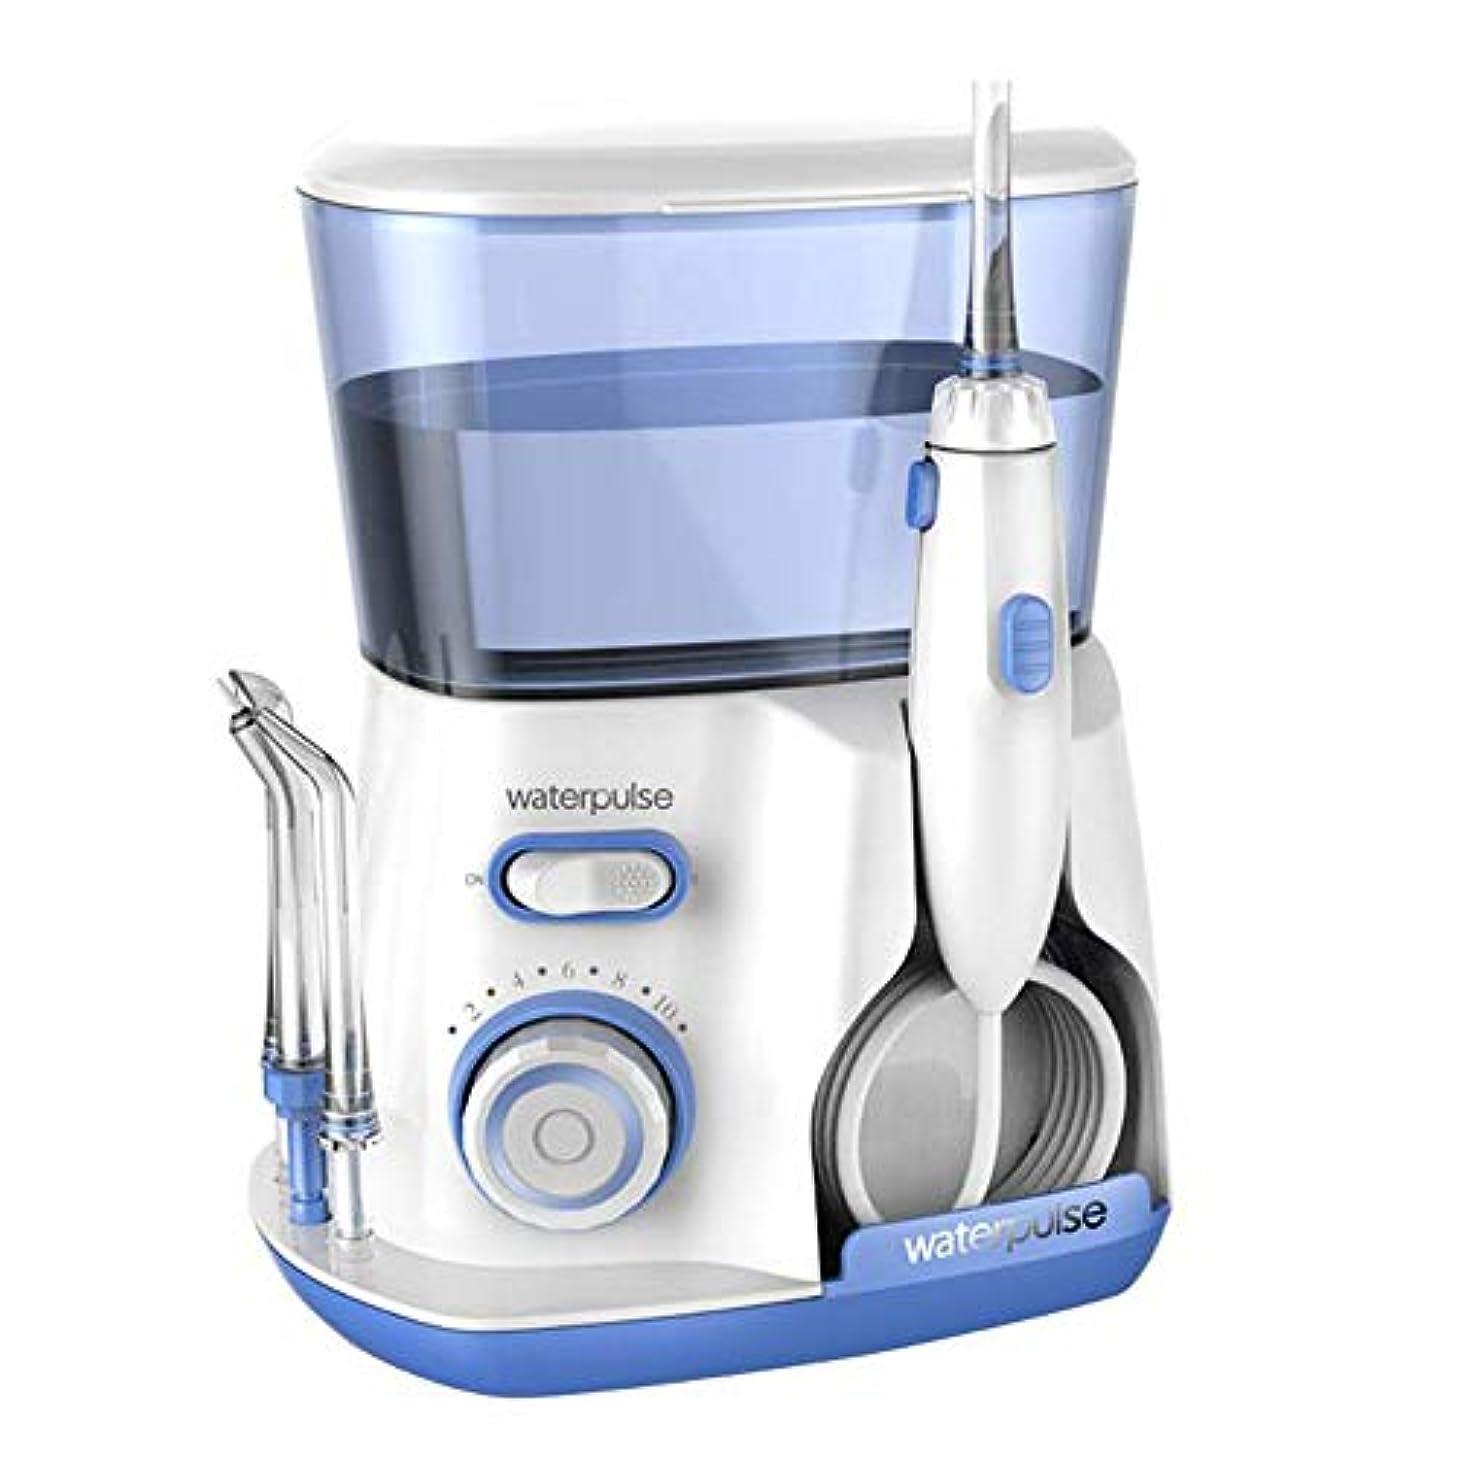 増強する踏み台ばかげたAZREX 水流歯ブラシ ウォーターパルス AX-039 大容量800ml 10段階水圧調整機能(口腔洗浄器)